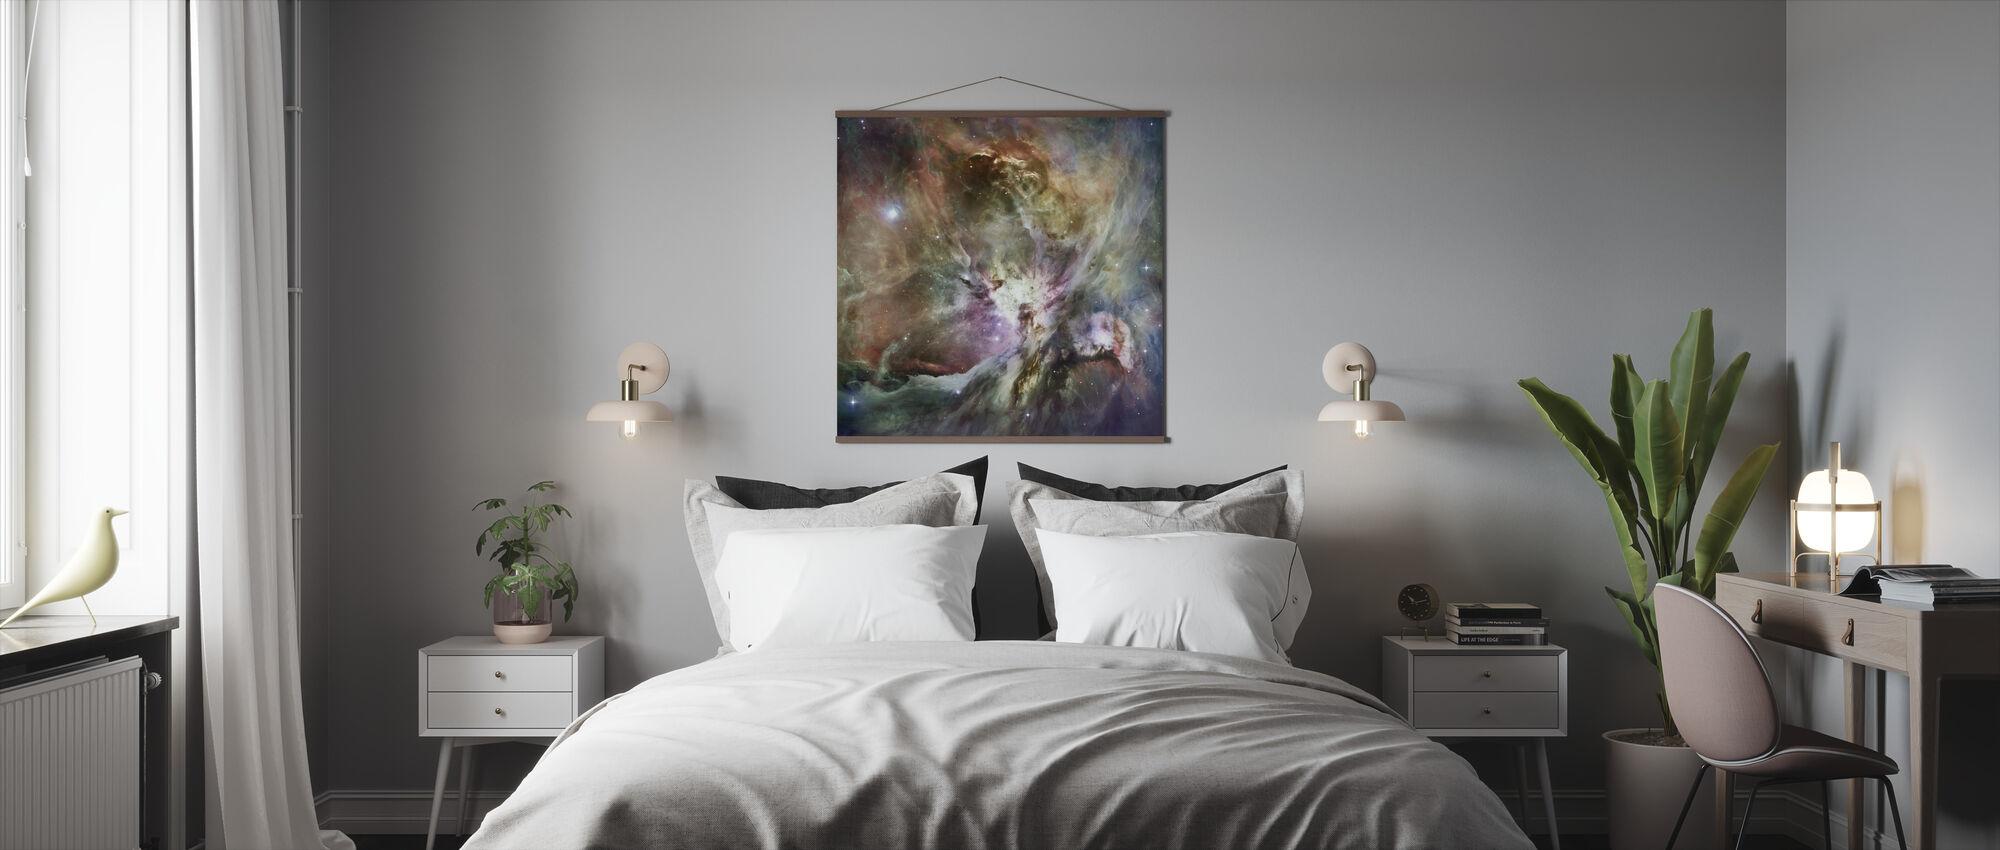 Orionin tähtisumu - Juliste - Makuuhuone